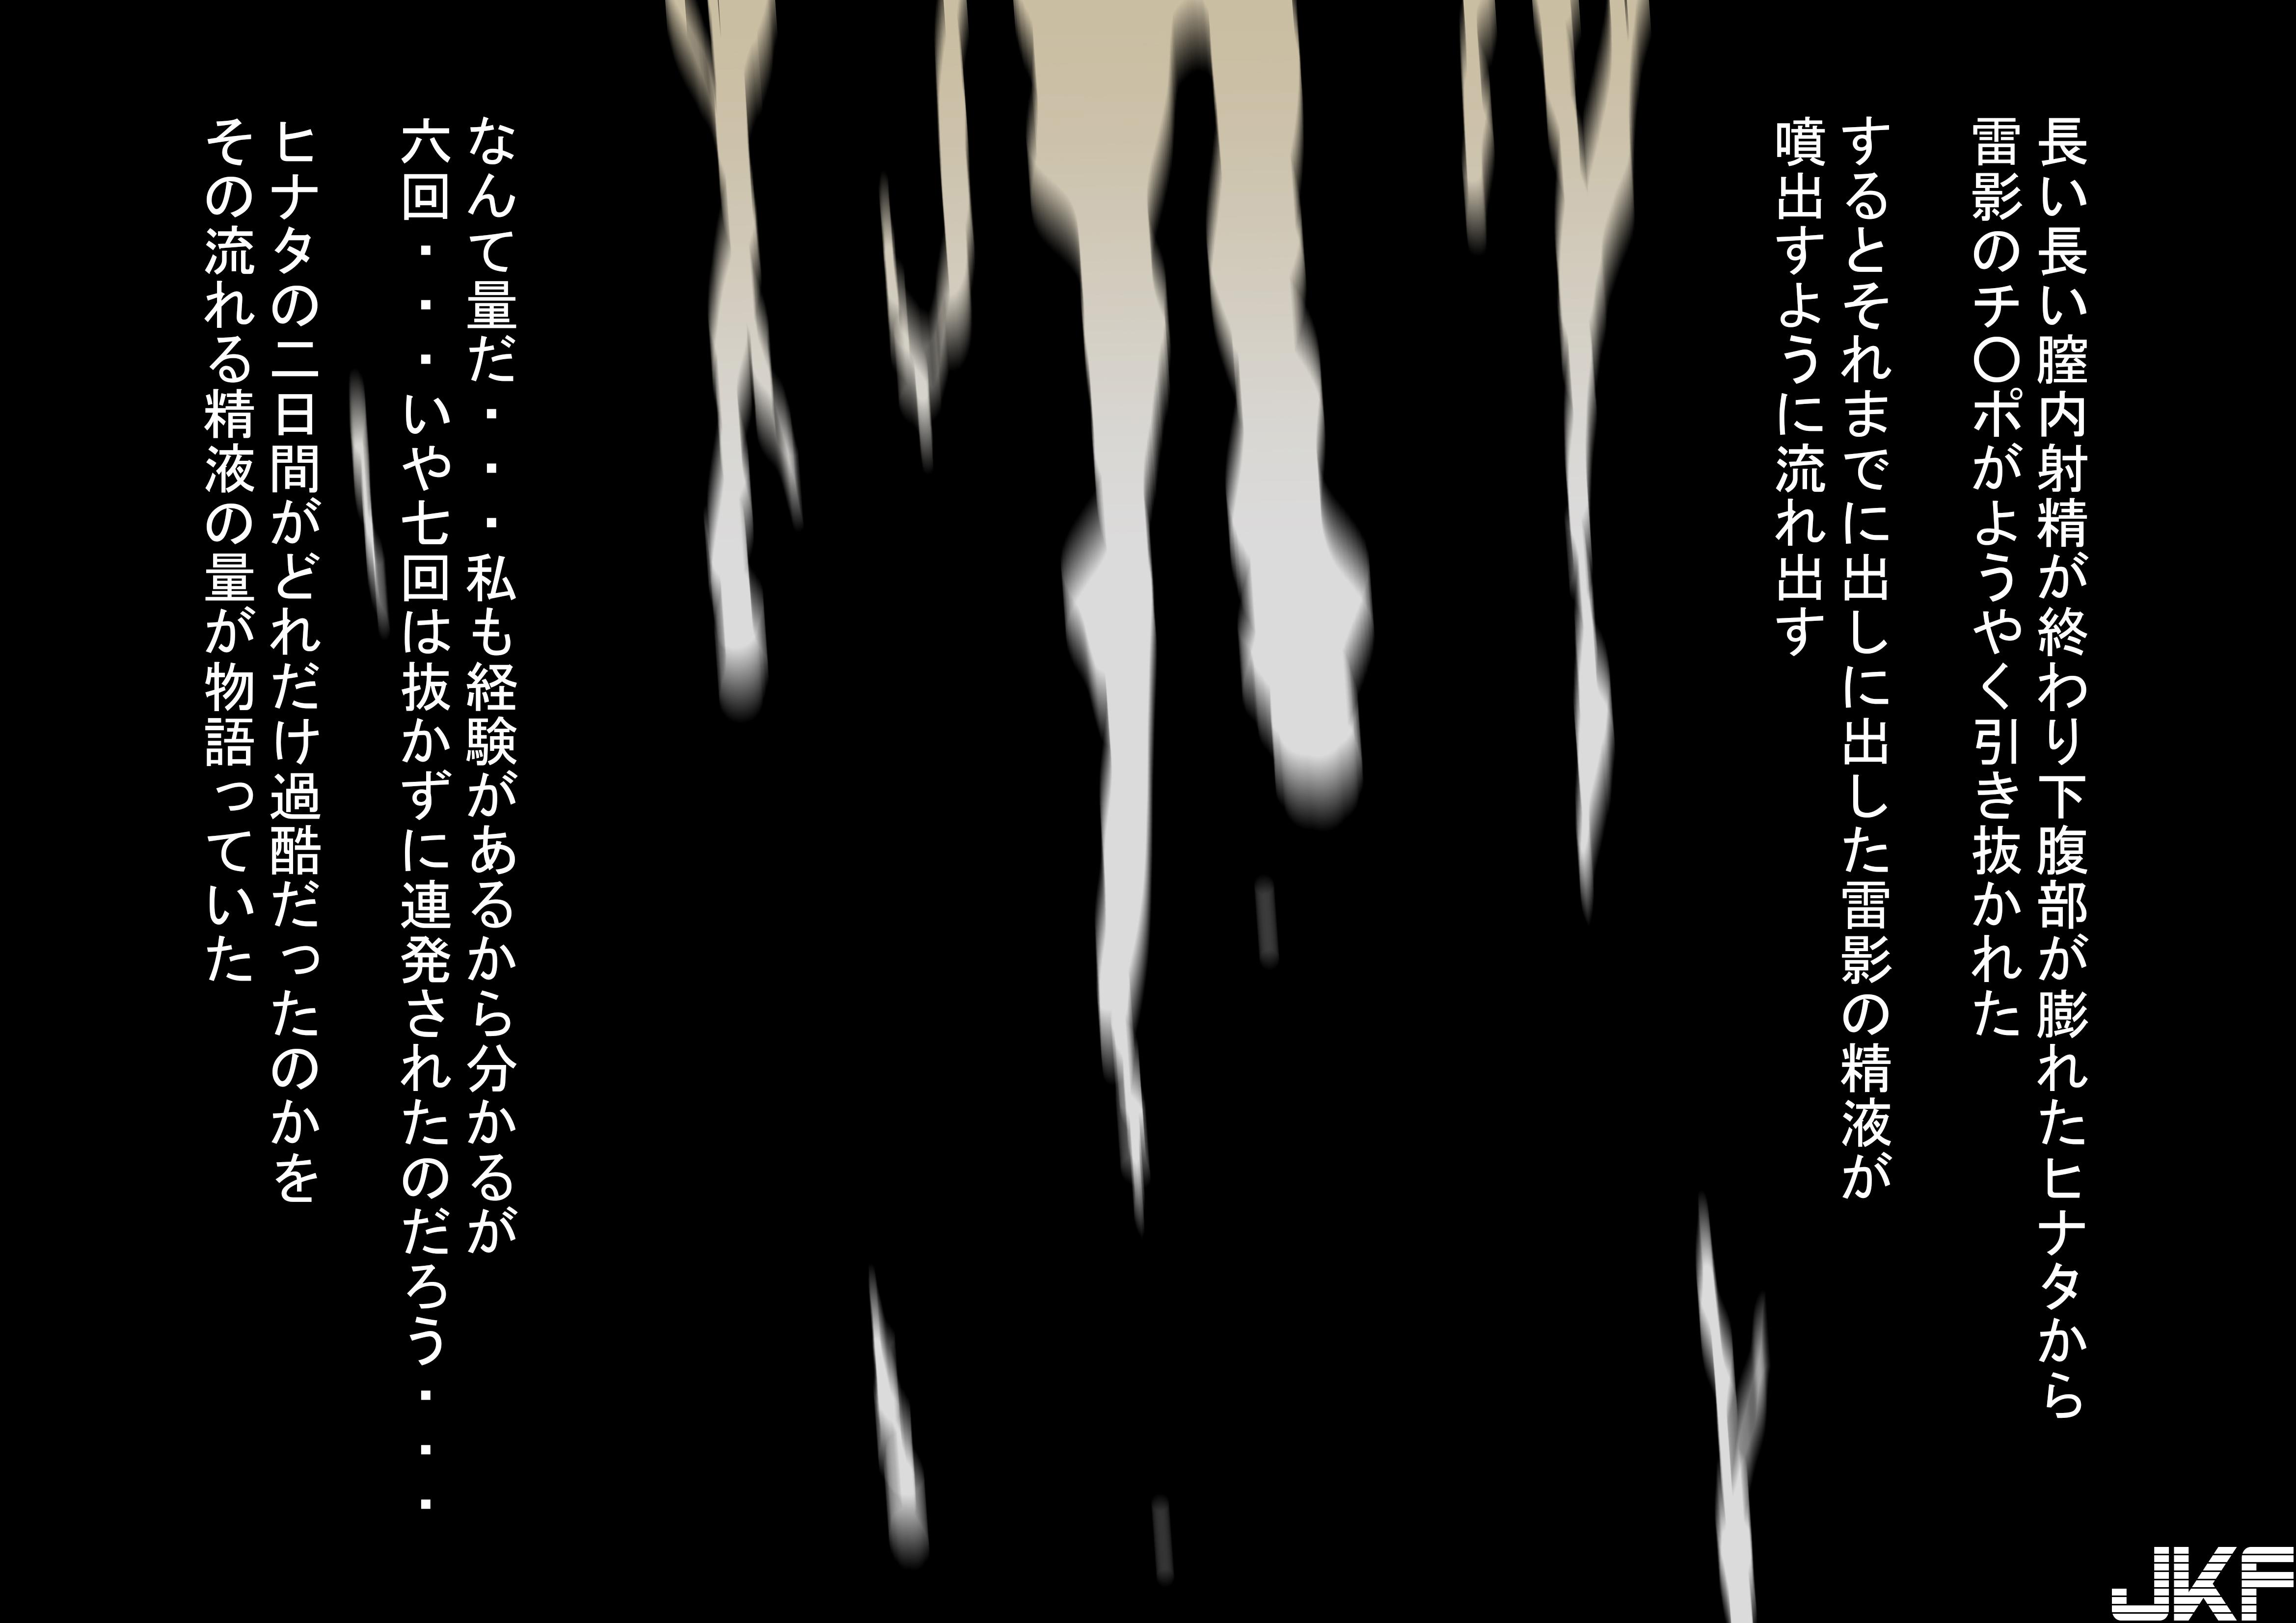 016_tuna_15.jpg